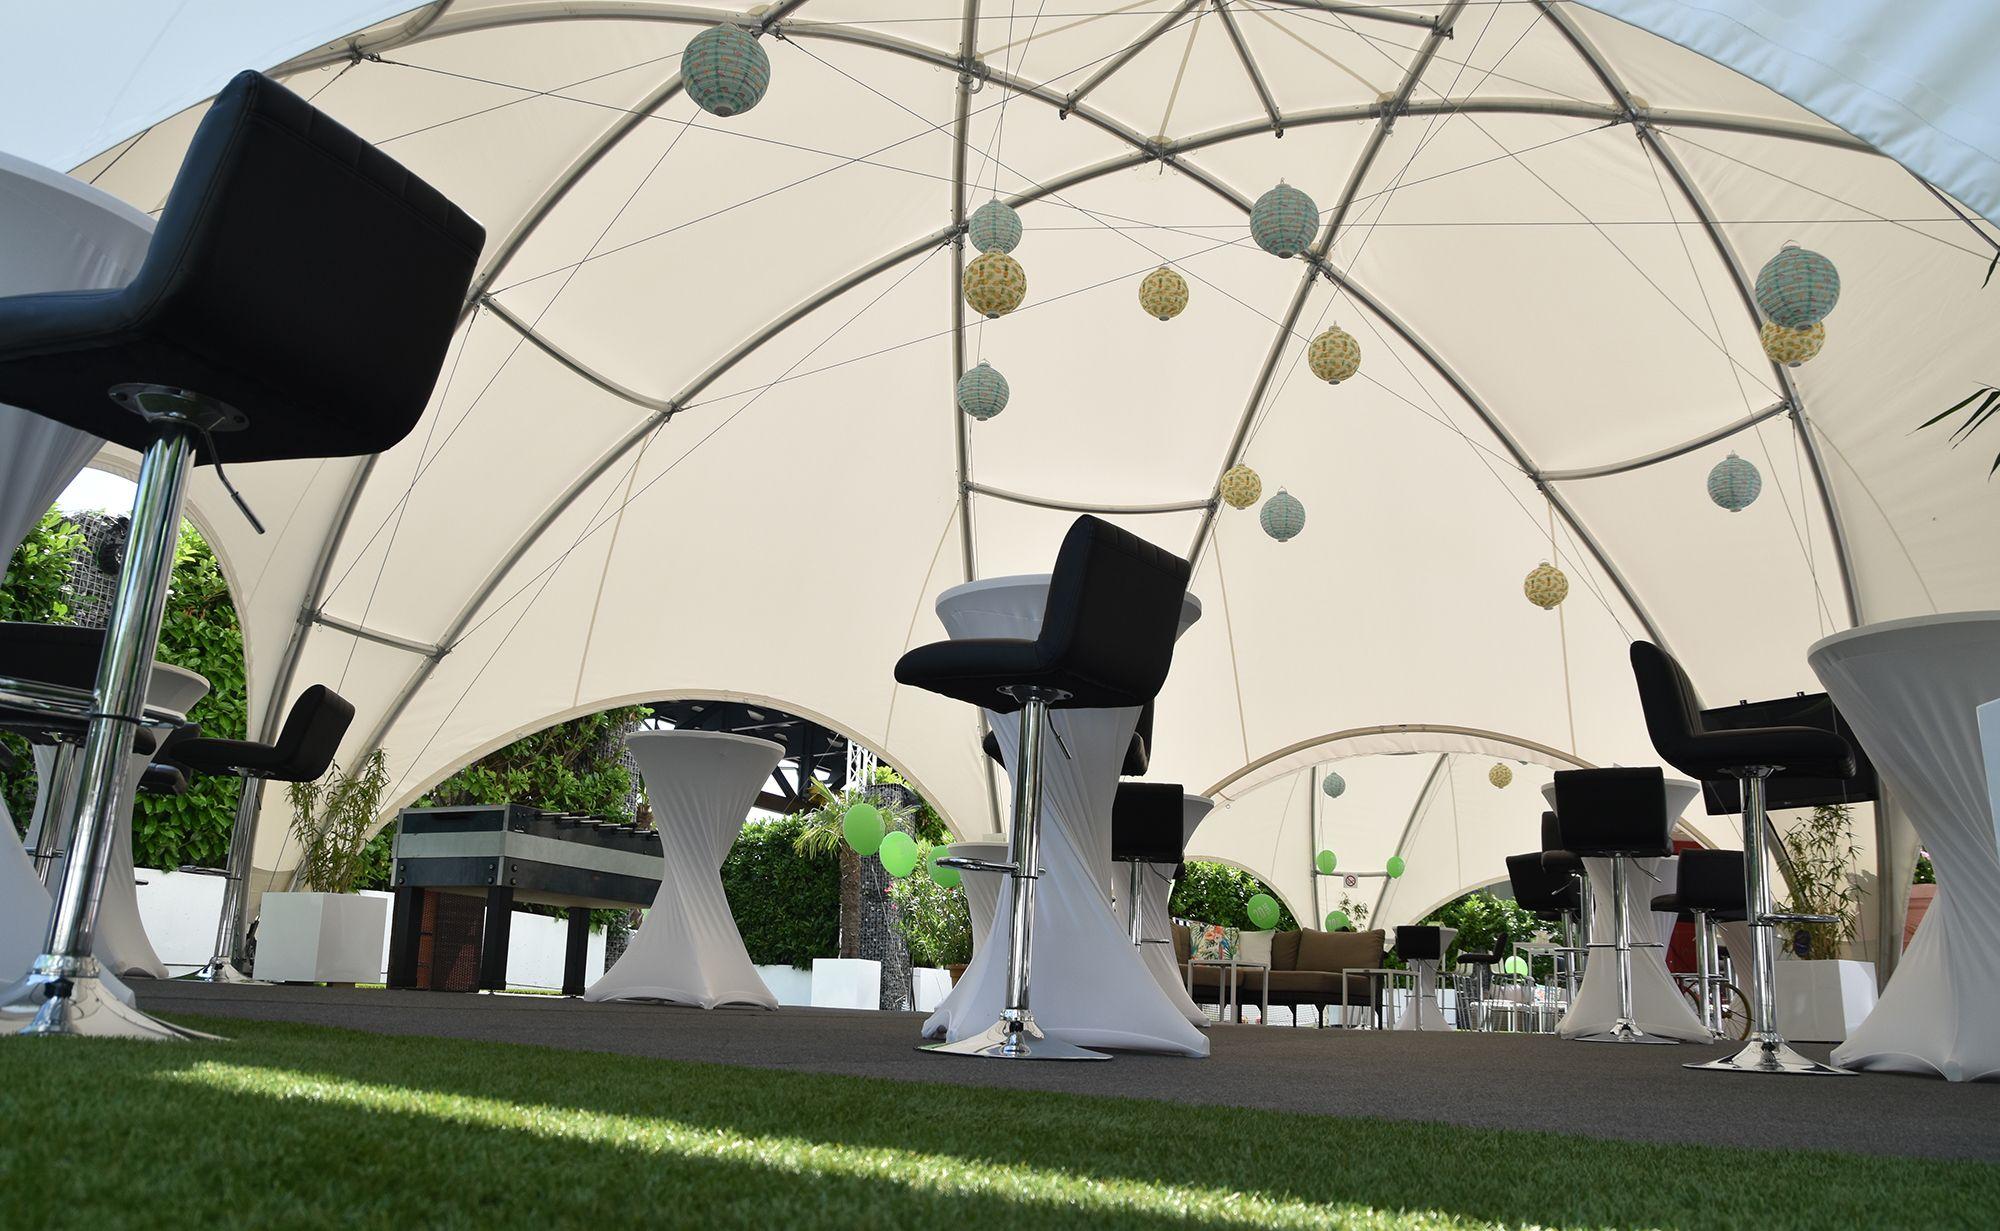 bild_background_outdoor_garten_eventgarten_outdoorbereich_9_starlite_eventhall_eventlocation_eventlokal_event_hall_location_lokal_venue_rapperswil_jona_zuerichsee